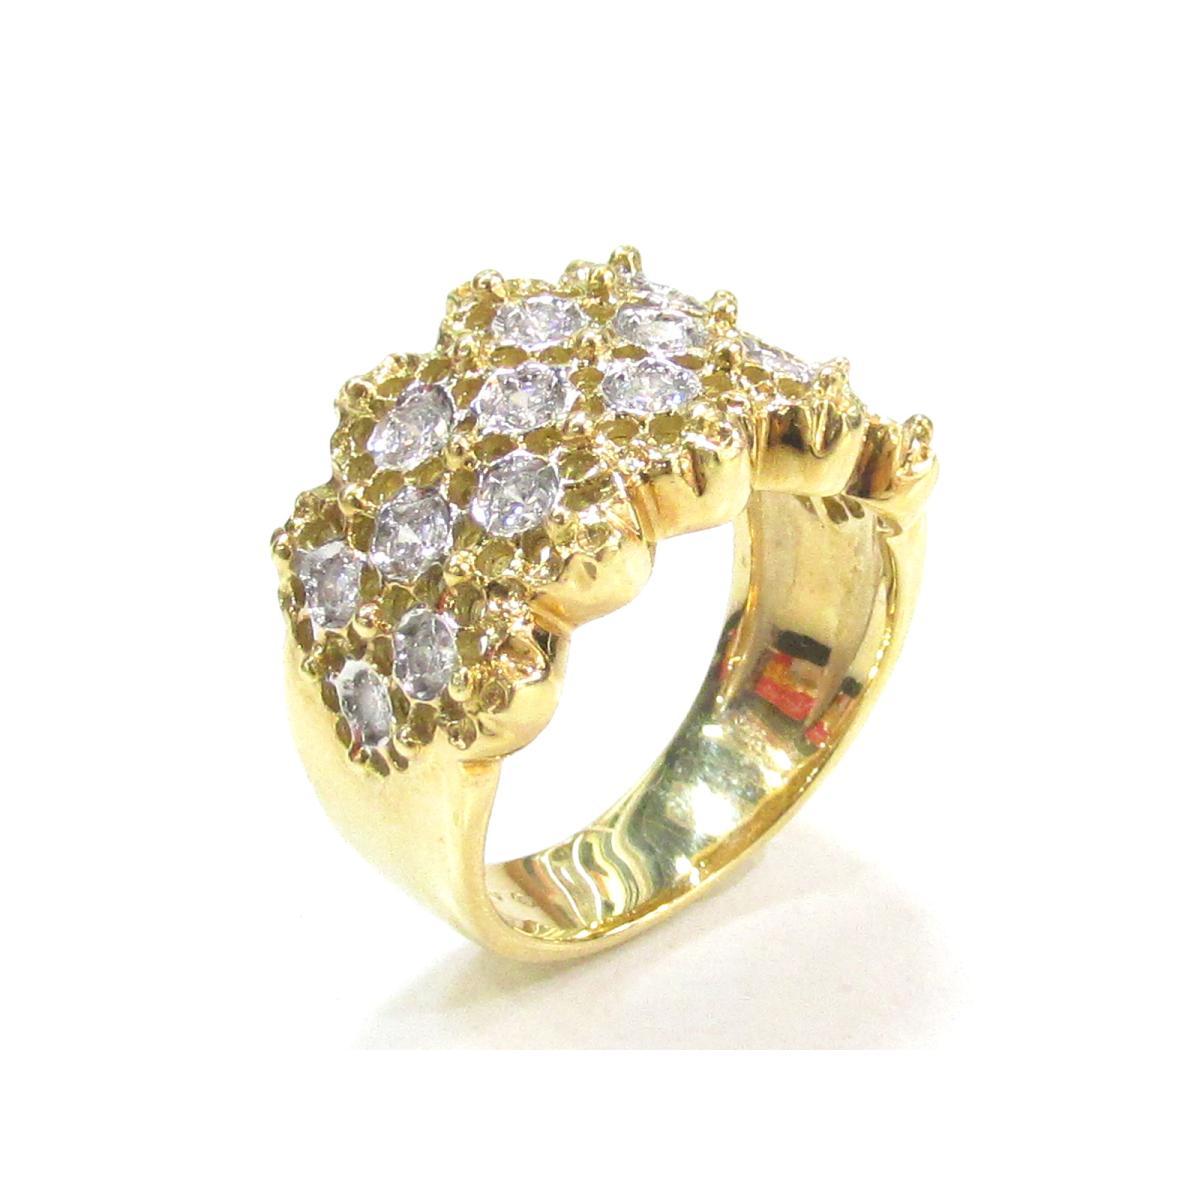 【中古】【送料無料】 ポンテヴェキオ ダイヤモンドリング 指輪 レディース K18YG (750) イエローゴールド x ダイヤモンド (0.50ct) | LOUIS VUITTON ヴィトン ビトン ルイ・ヴィトン リング K18 18K 18金 ダイヤリング 美品 ブランドオフ